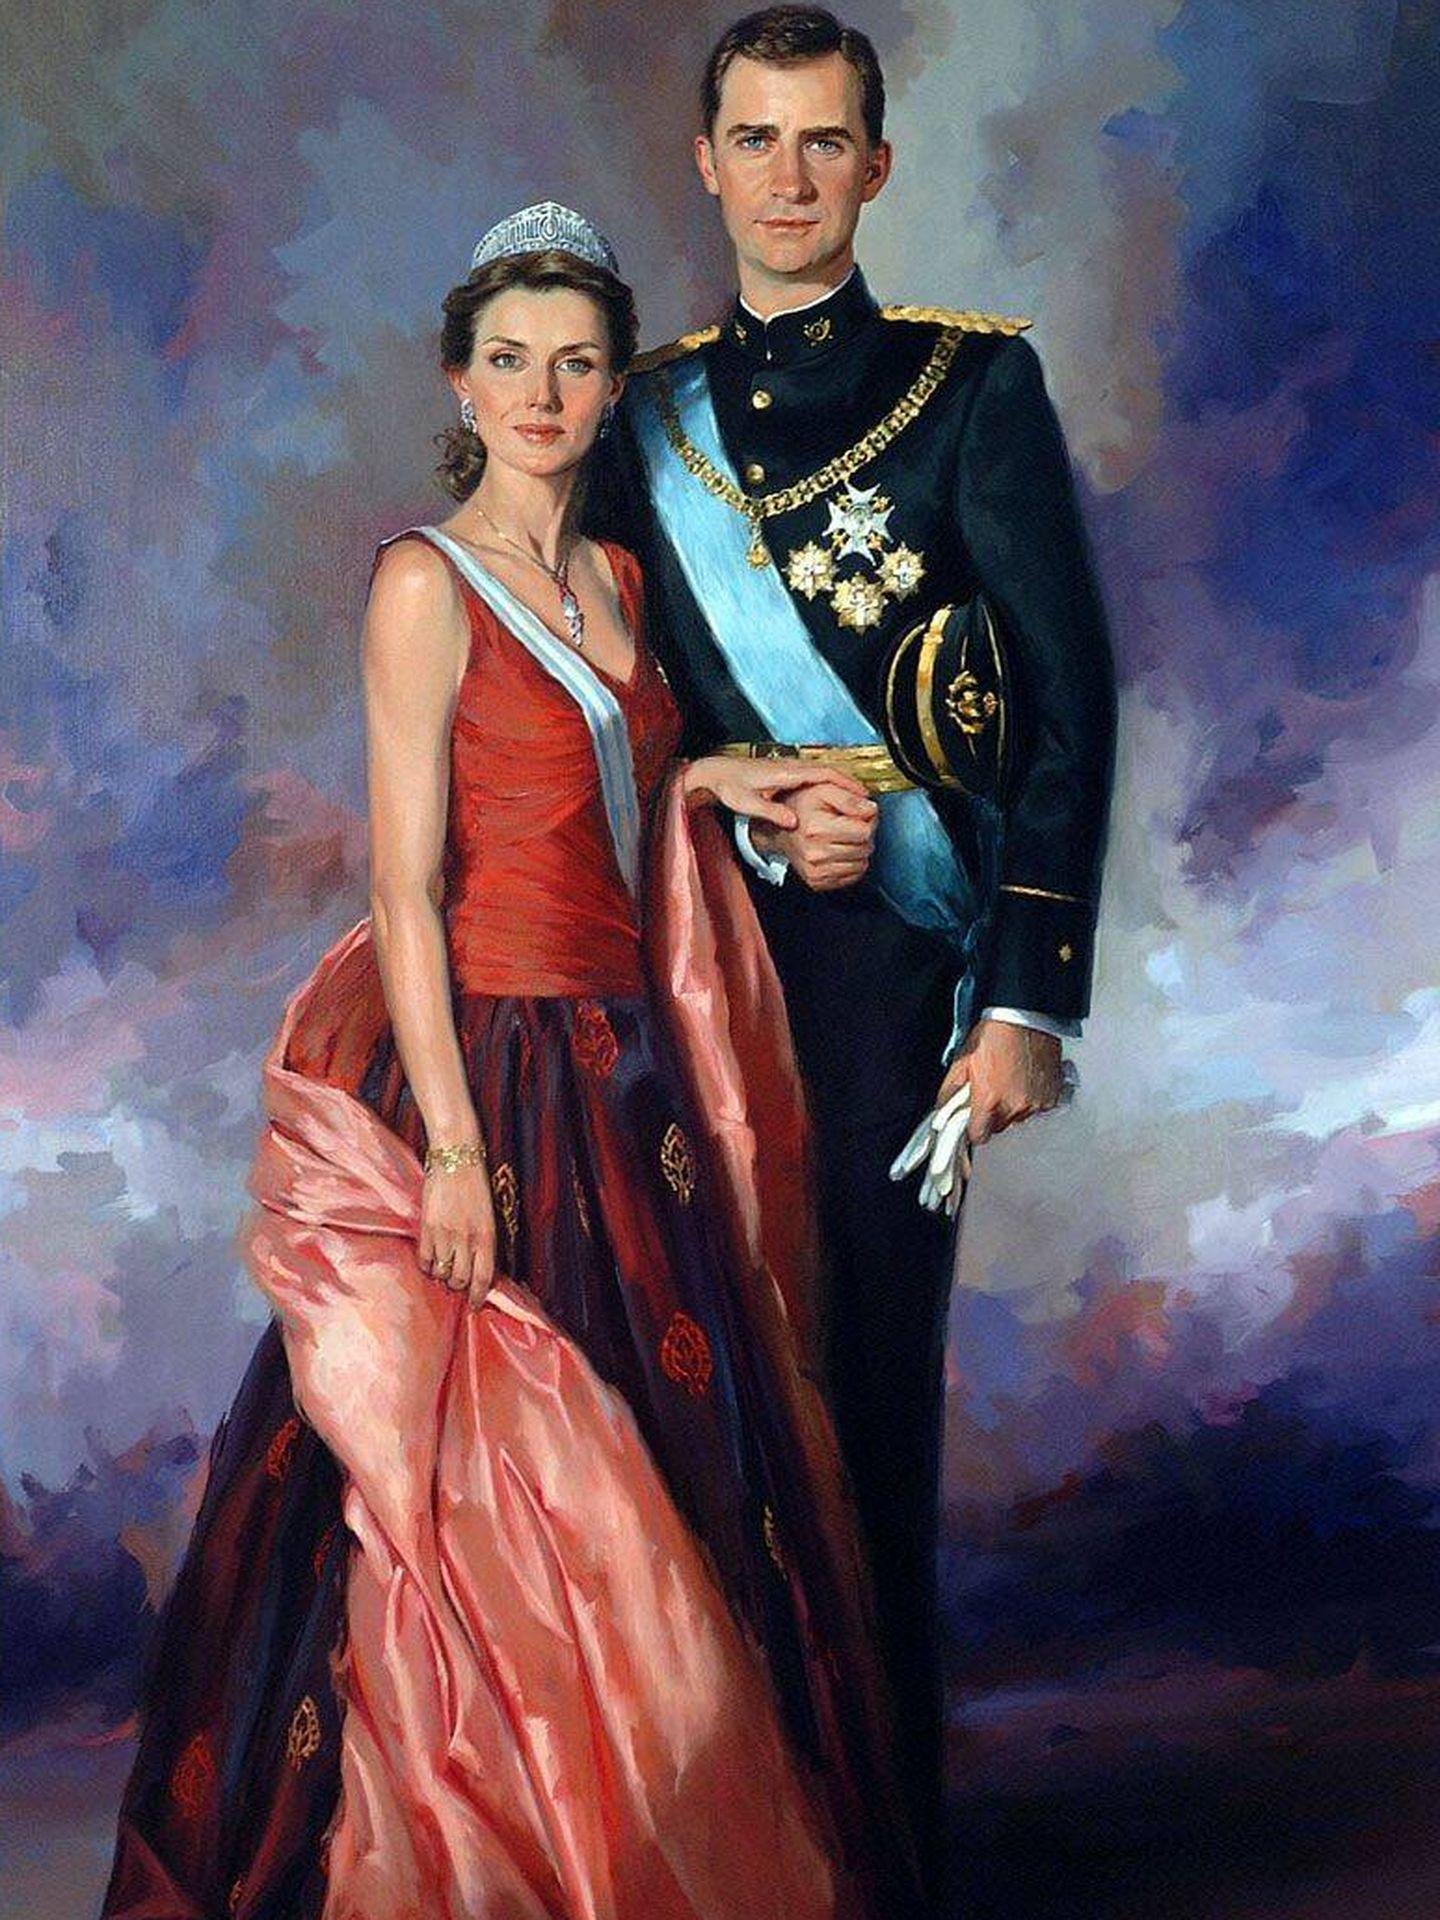 Retrato de don Felipe y doña Sofía. (Cortesía)